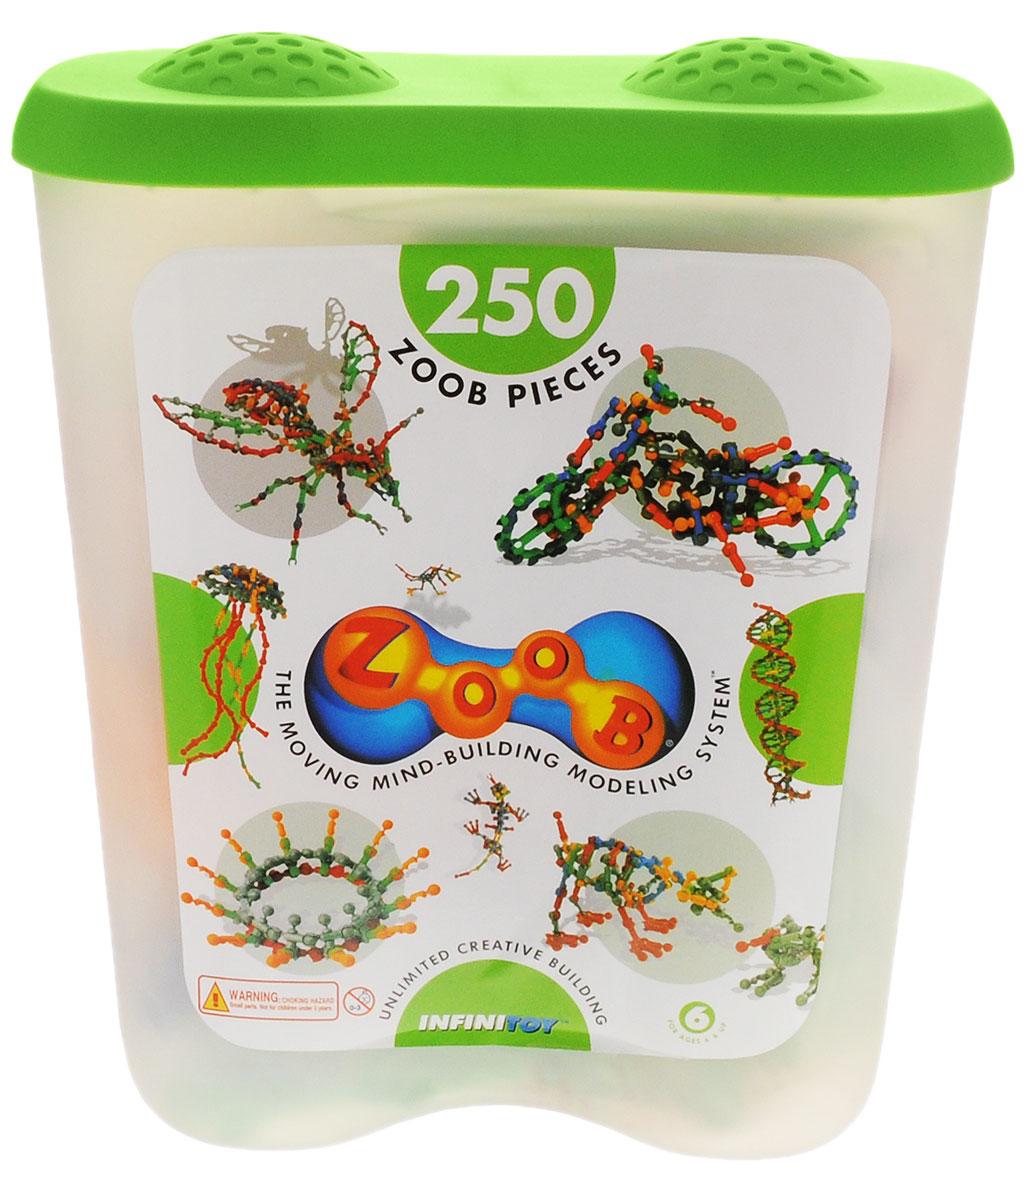 Zoob Конструктор 1125011250Конструктор Zoob - это подвижный многовариантный конструктор, завоевавший внимание детей и их родителей во всем мире. Набор включает в себя 250 деталей для реализации самых сложных задумок вашего изобретателя - можно собрать большую игуану, двухколесный велосипед, гигантского паука, геометрические фигуры, различные абстрактные формы и многое другое. Удобный контейнер оценят хозяйки, ведь в нем так удобно хранить все детали конструктора Zoob и ценные поделки юных фантазеров. Конструкторы Zoob рекомендованы детям с 6 лет. Данное возрастное ограничение основано на том, что пространственное мышление у ребенка, по мнению специалистов, начинает развиваться именно с этого возраста. Во всех наборах Zoob содержатся 5 видов пластиковых деталей необычной формы. Они соединяются между собой 20-ю различными способами. Соединения деталей могут быть как неподвижными, так и подвижными. При подвижном соединении детали конструктора, защелкиваясь, образуют подобие суставов. Поэтому ребенок...